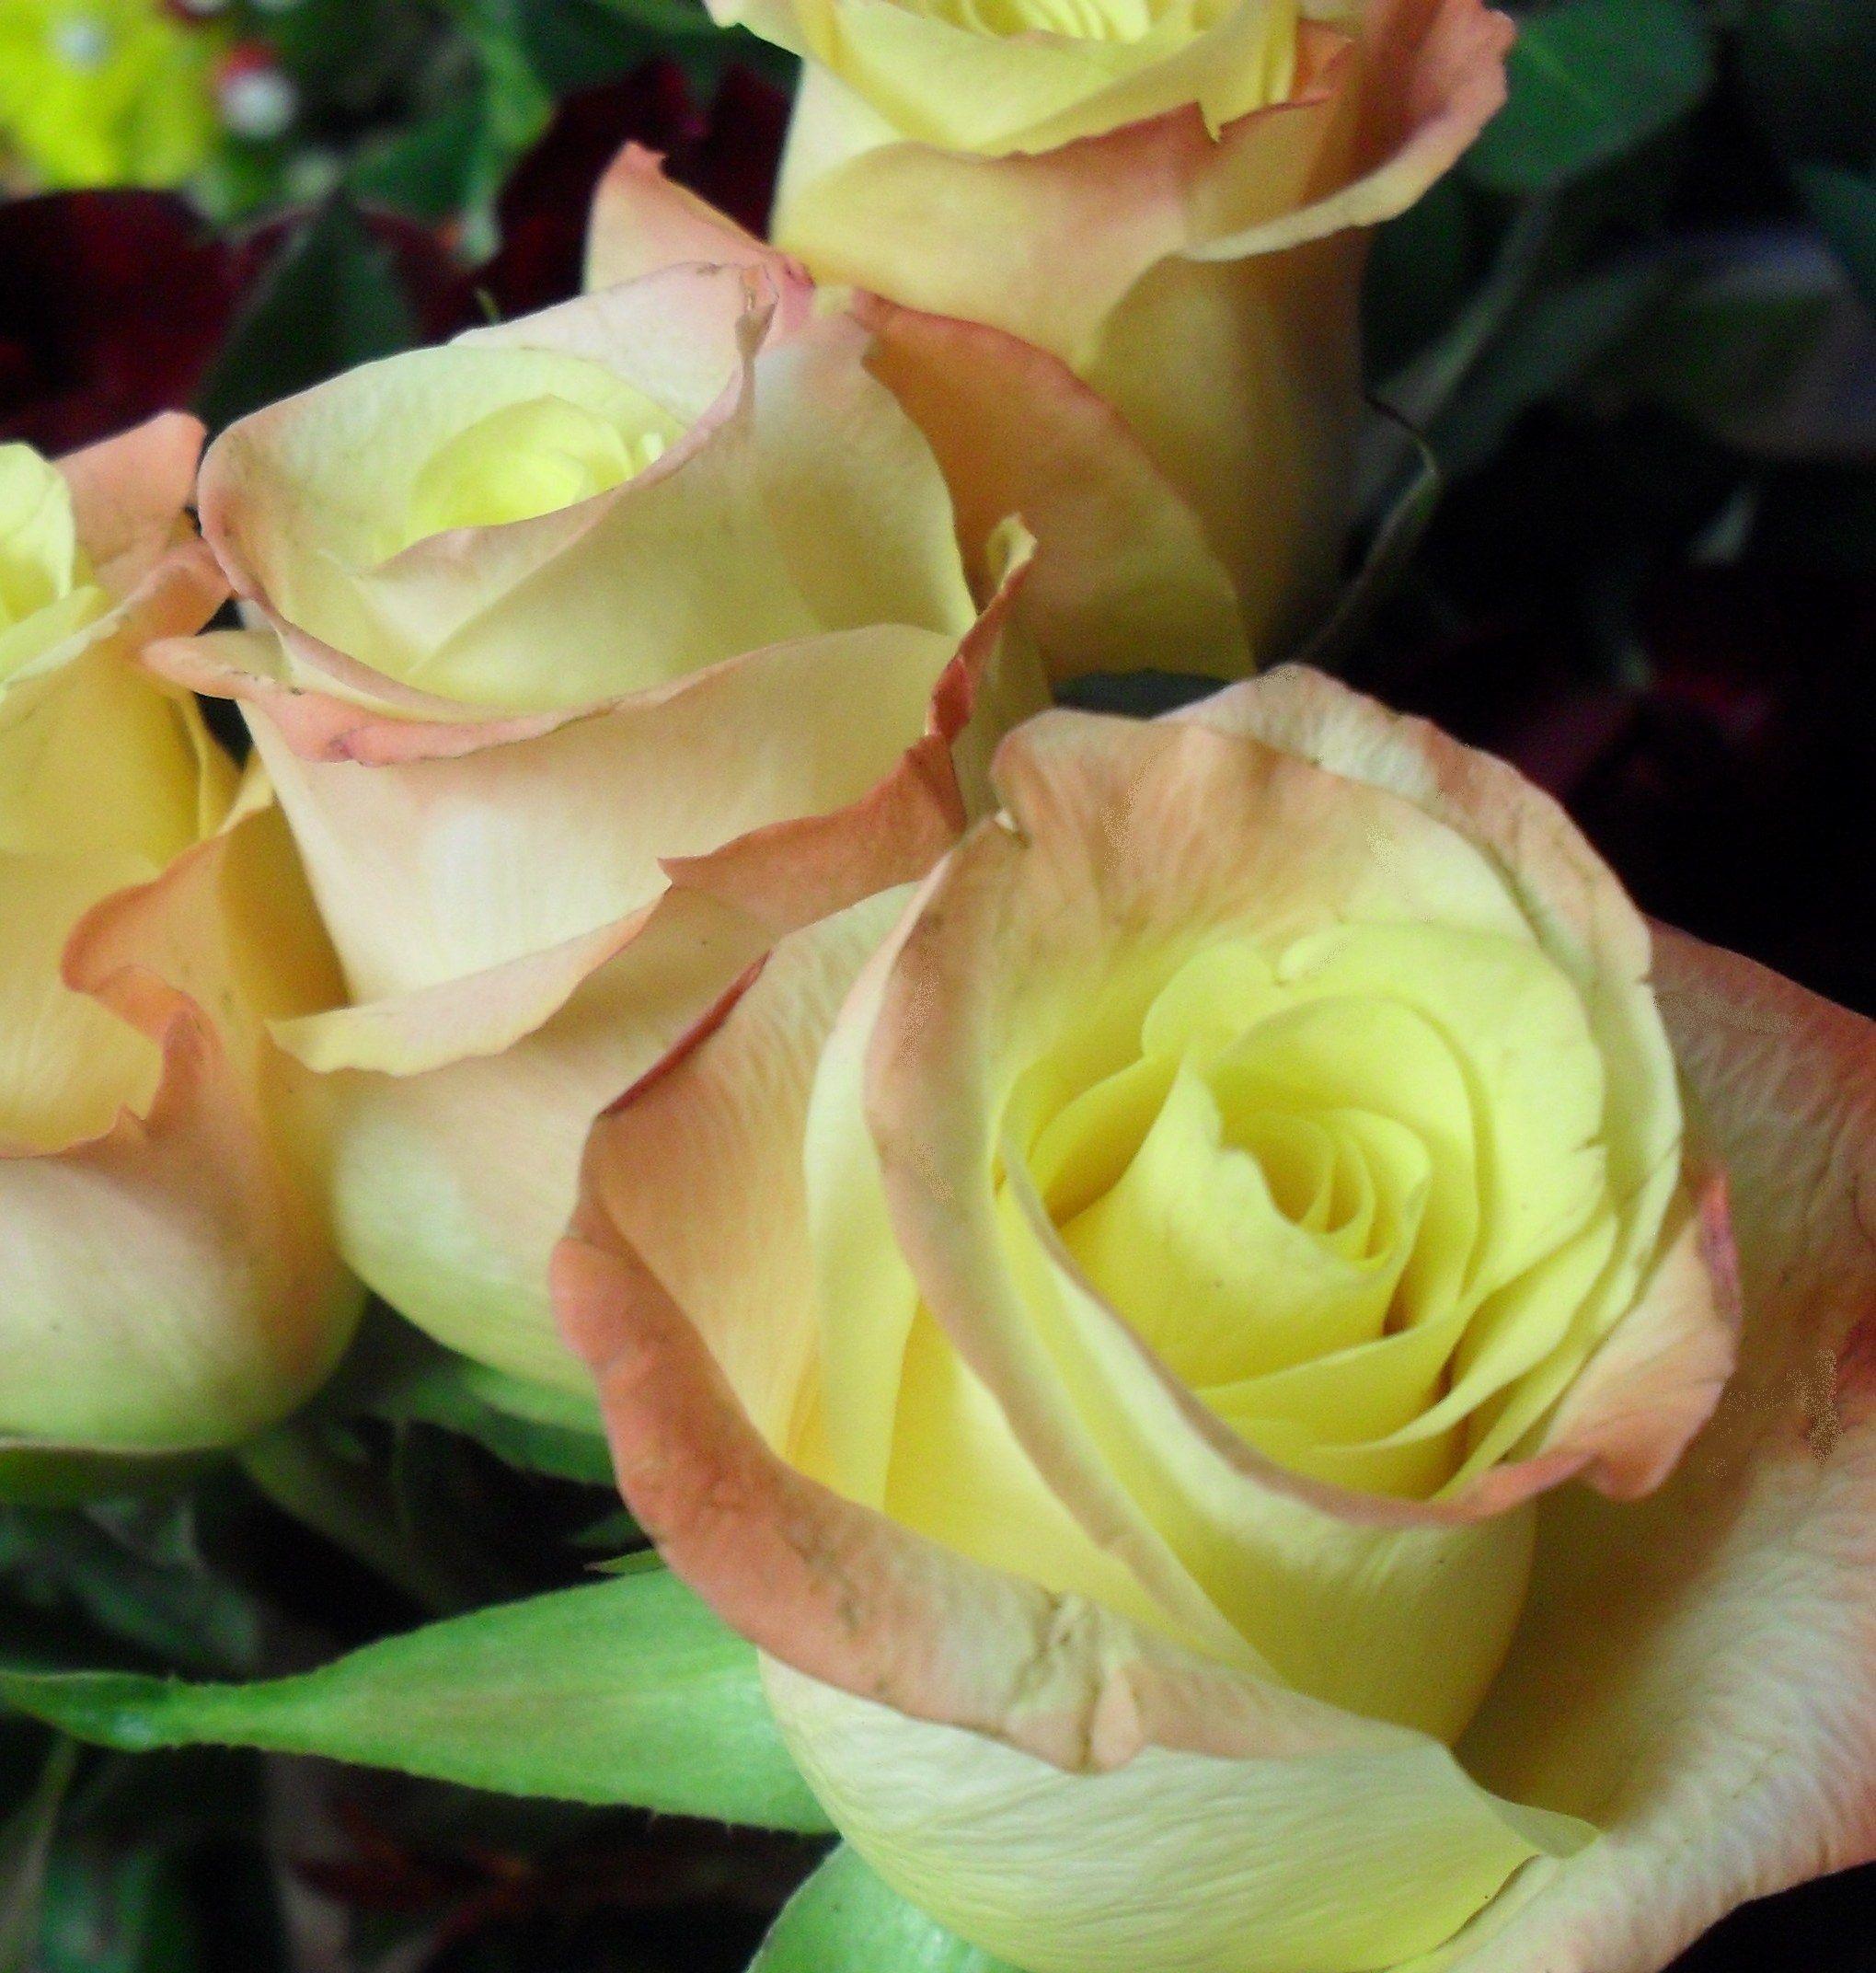 Rosebud dundee